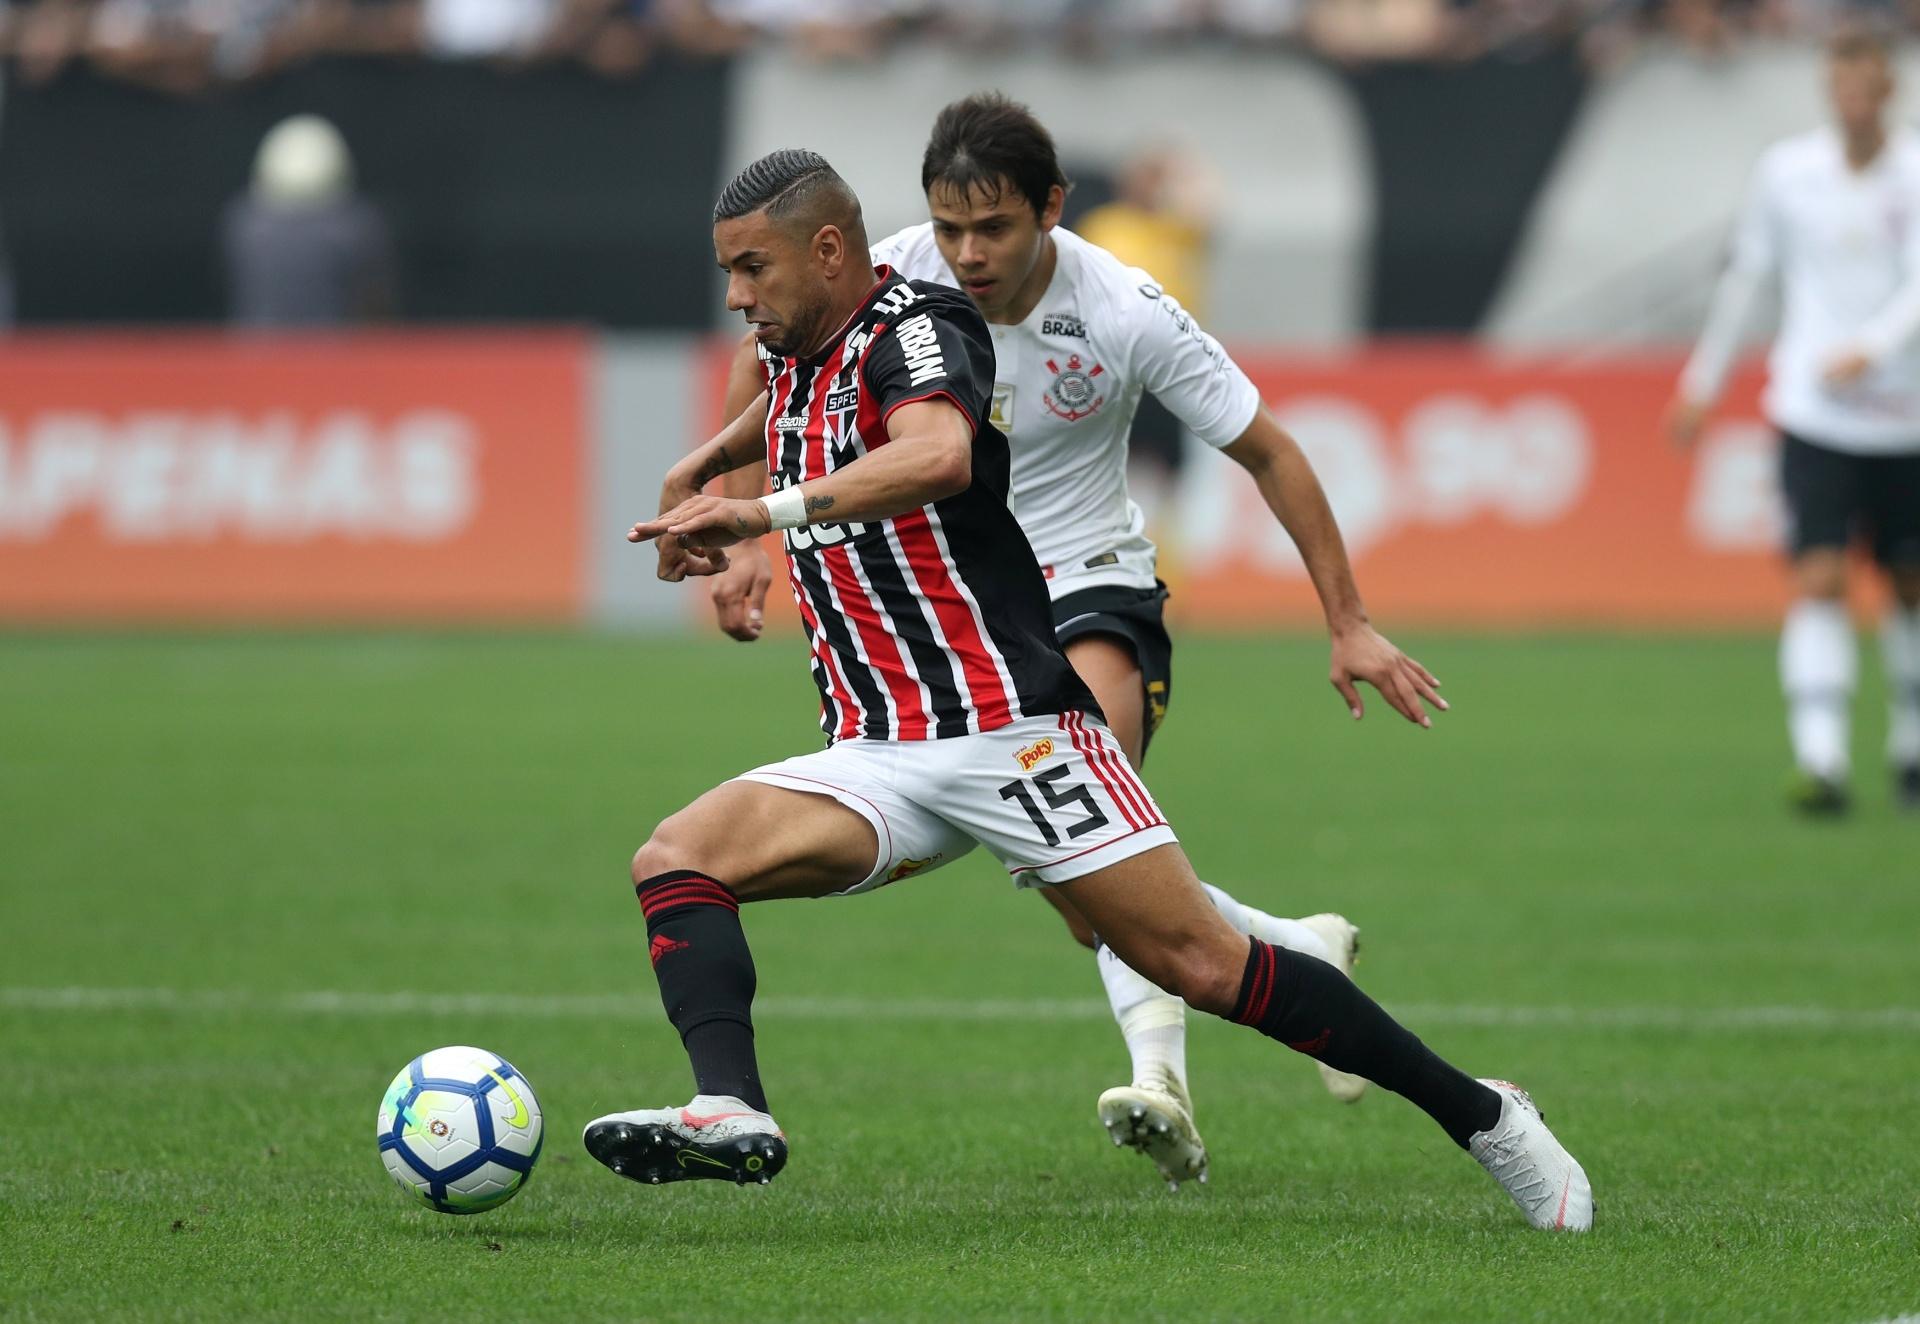 Corinthians e São Paulo ficam no empate em clássico com arbitragem polêmica  - 10 11 2018 - UOL Esporte 735399e36b008